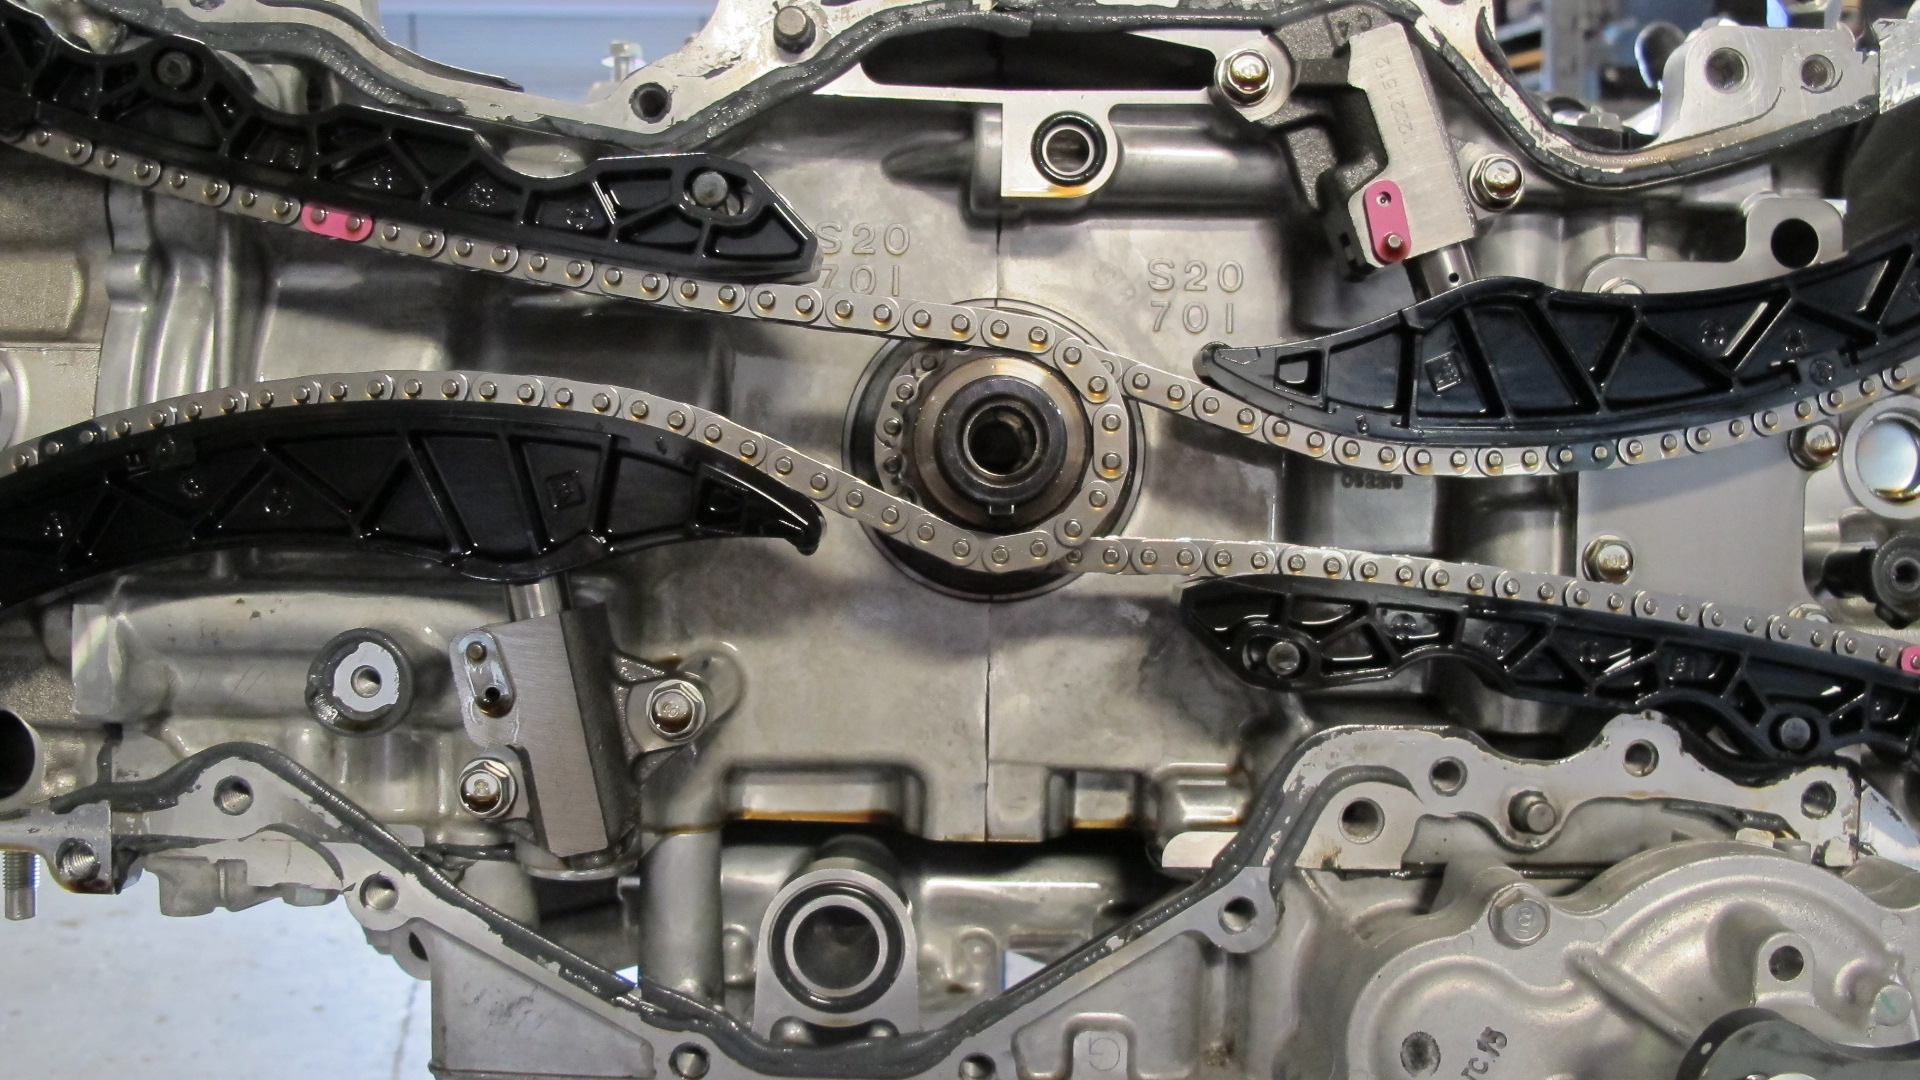 Fa20 engine component photos scion fr s forum subaru brz forum toyota 86 gt 86 forum as1 forum ft86club